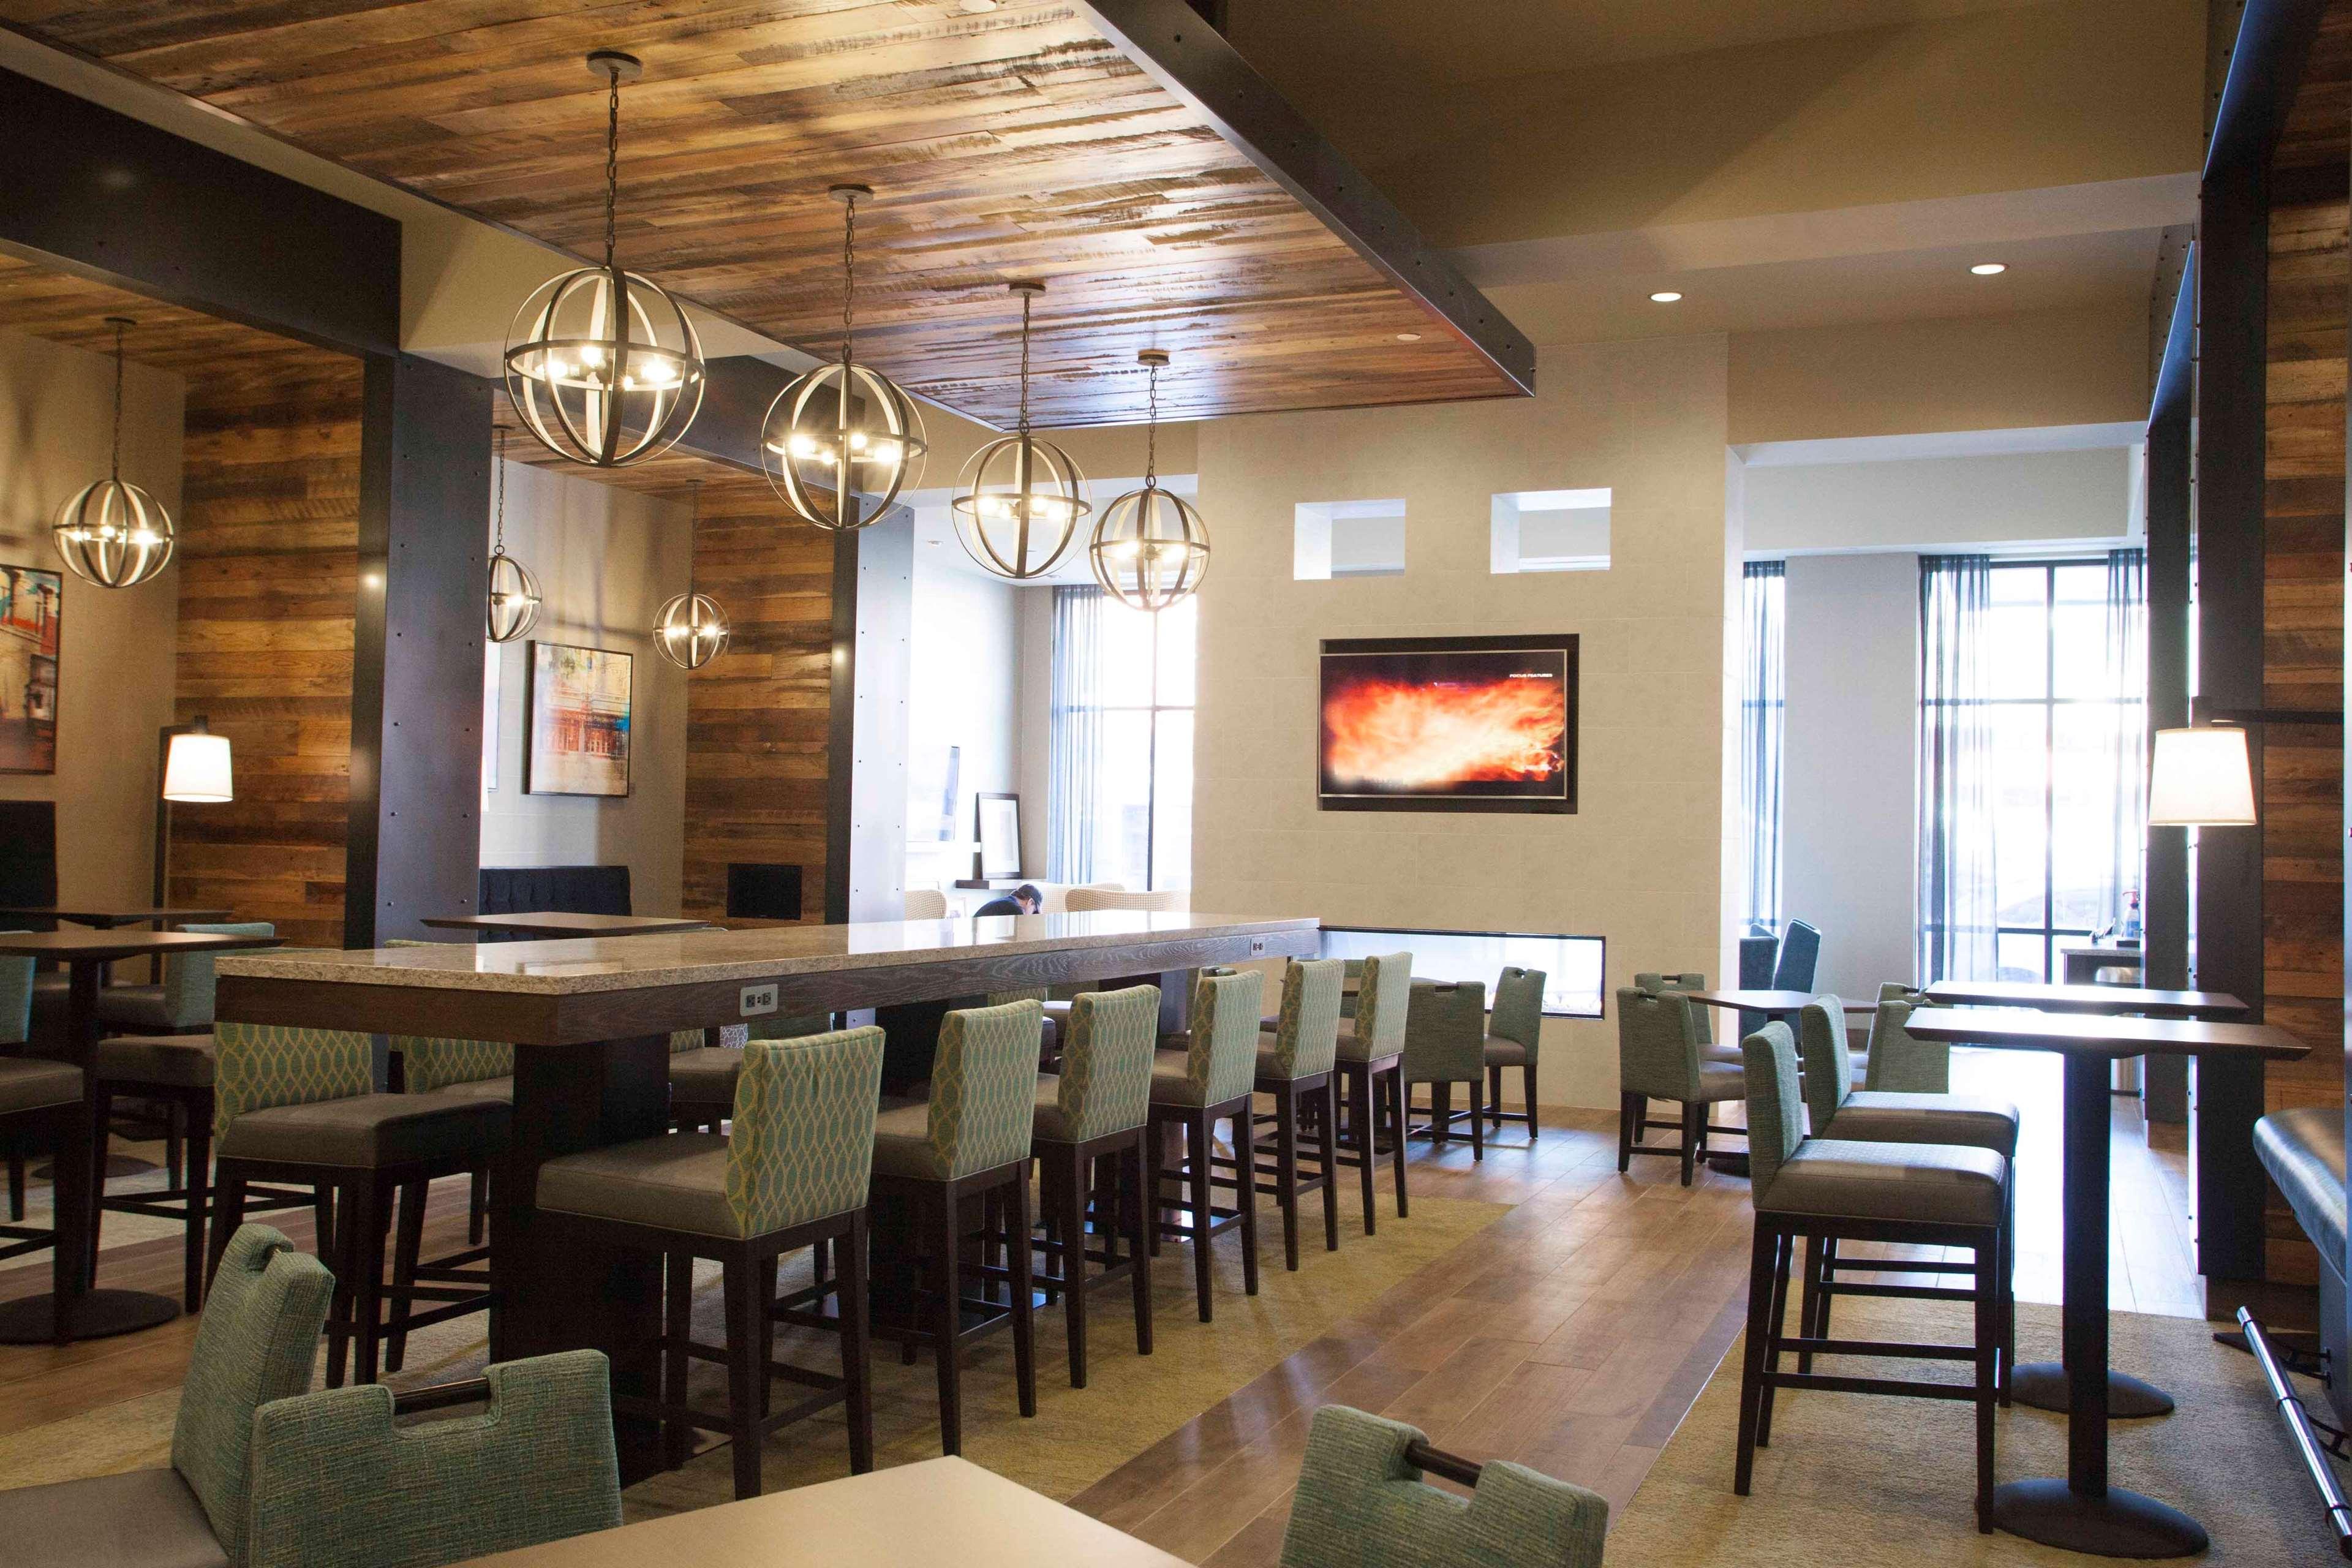 Hampton Inn & Suites Downtown St. Paul image 15